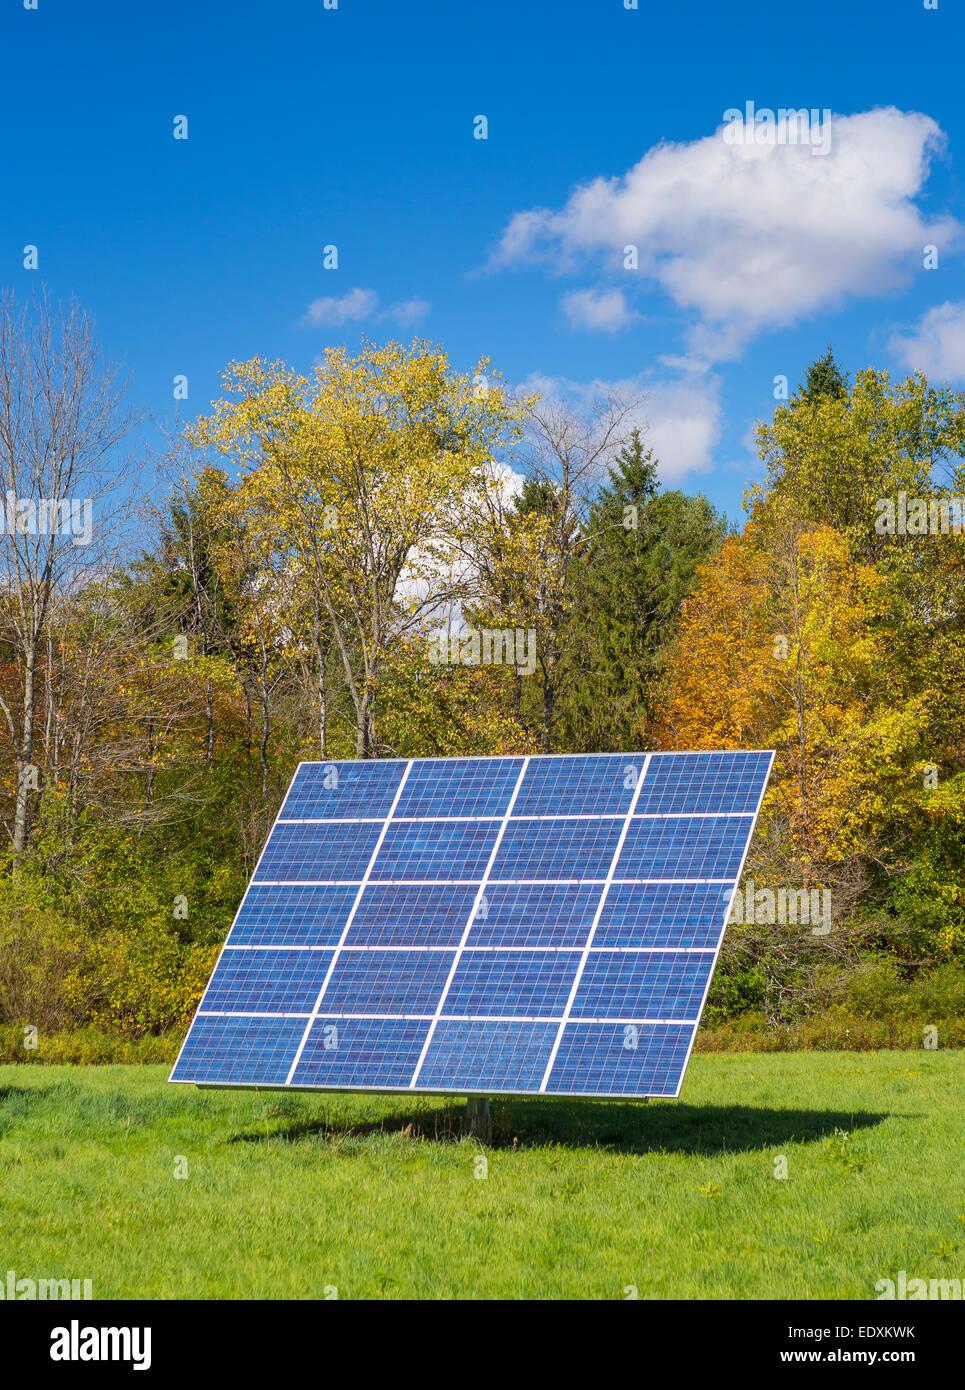 IRASVILLE, VERMONT, USA - Solar Power Panel im Feld, Mad River Valley. Alternative Energien. Stockbild